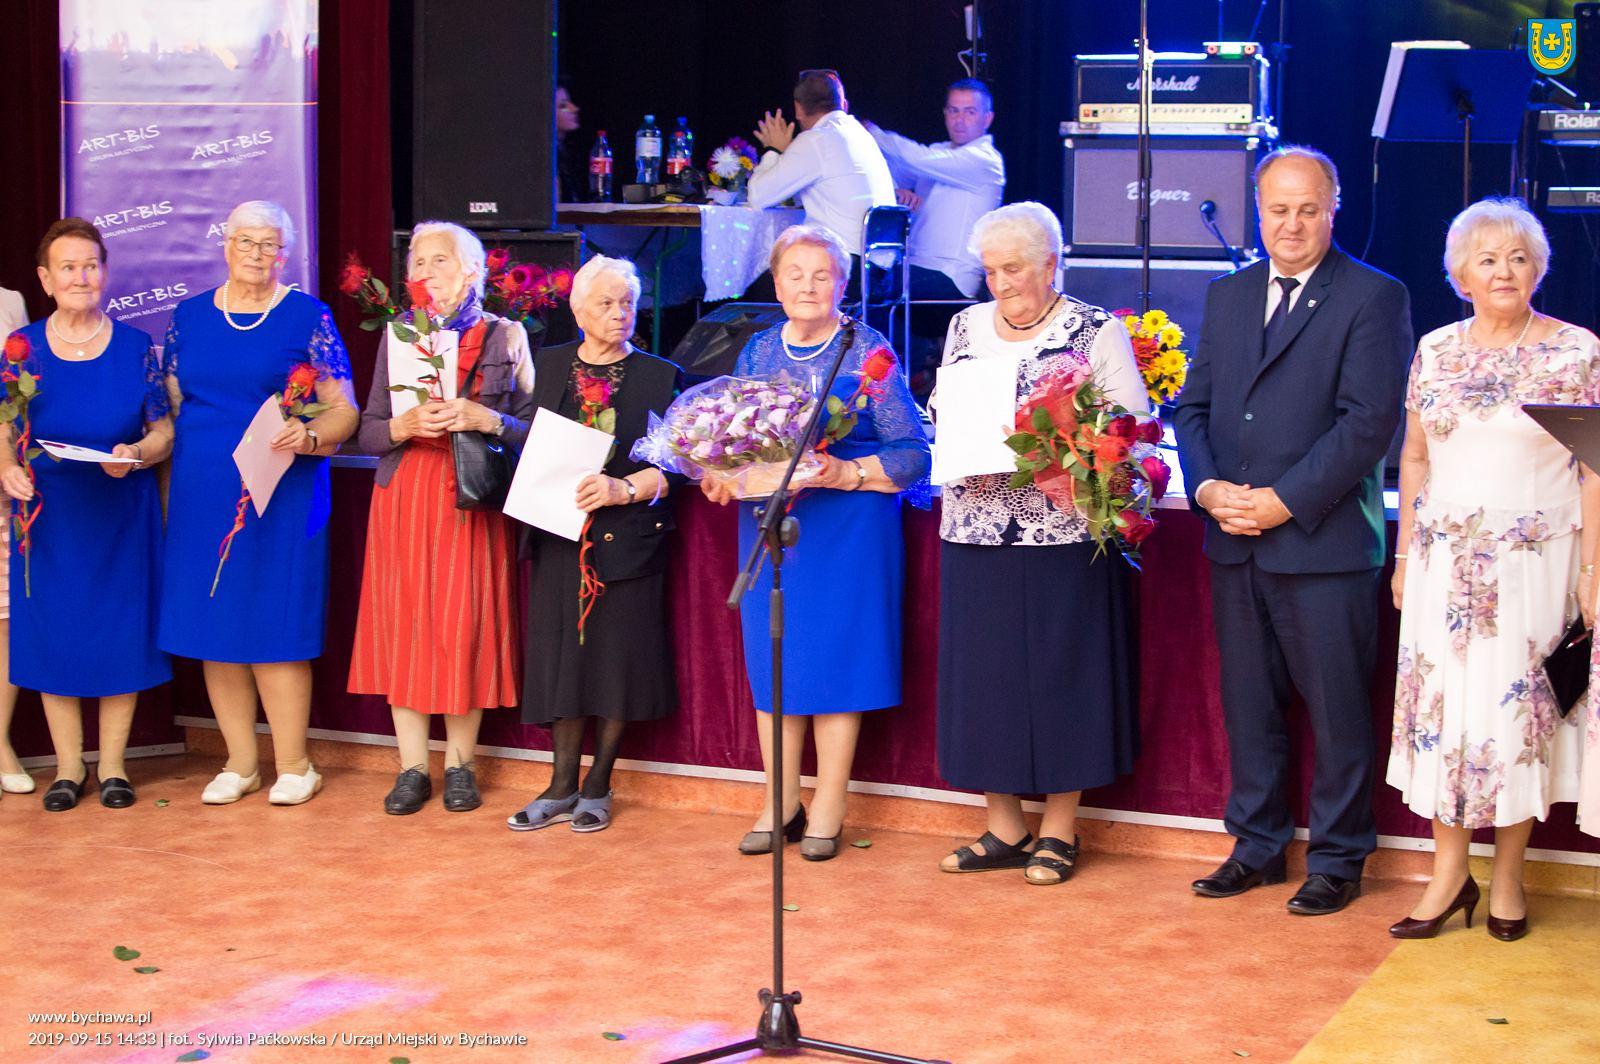 45 lat Klubu Seniora z Bychawy